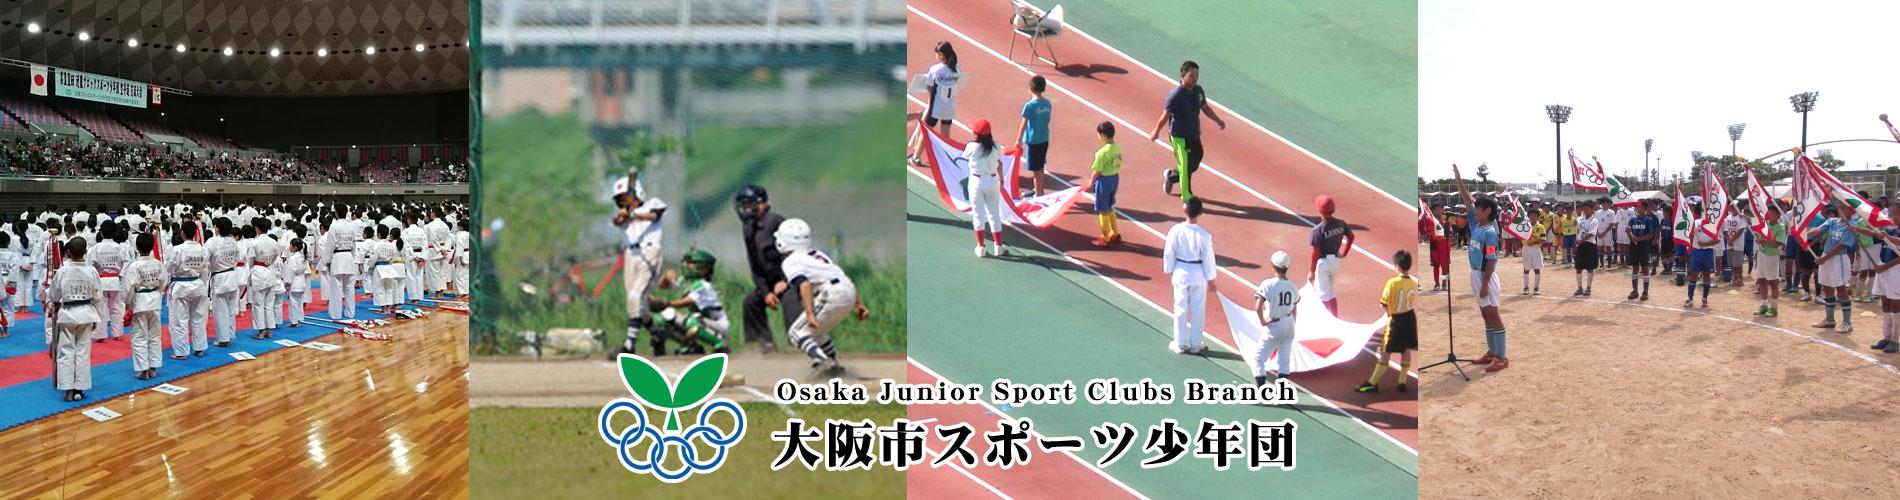 大阪市スポーツ少年団